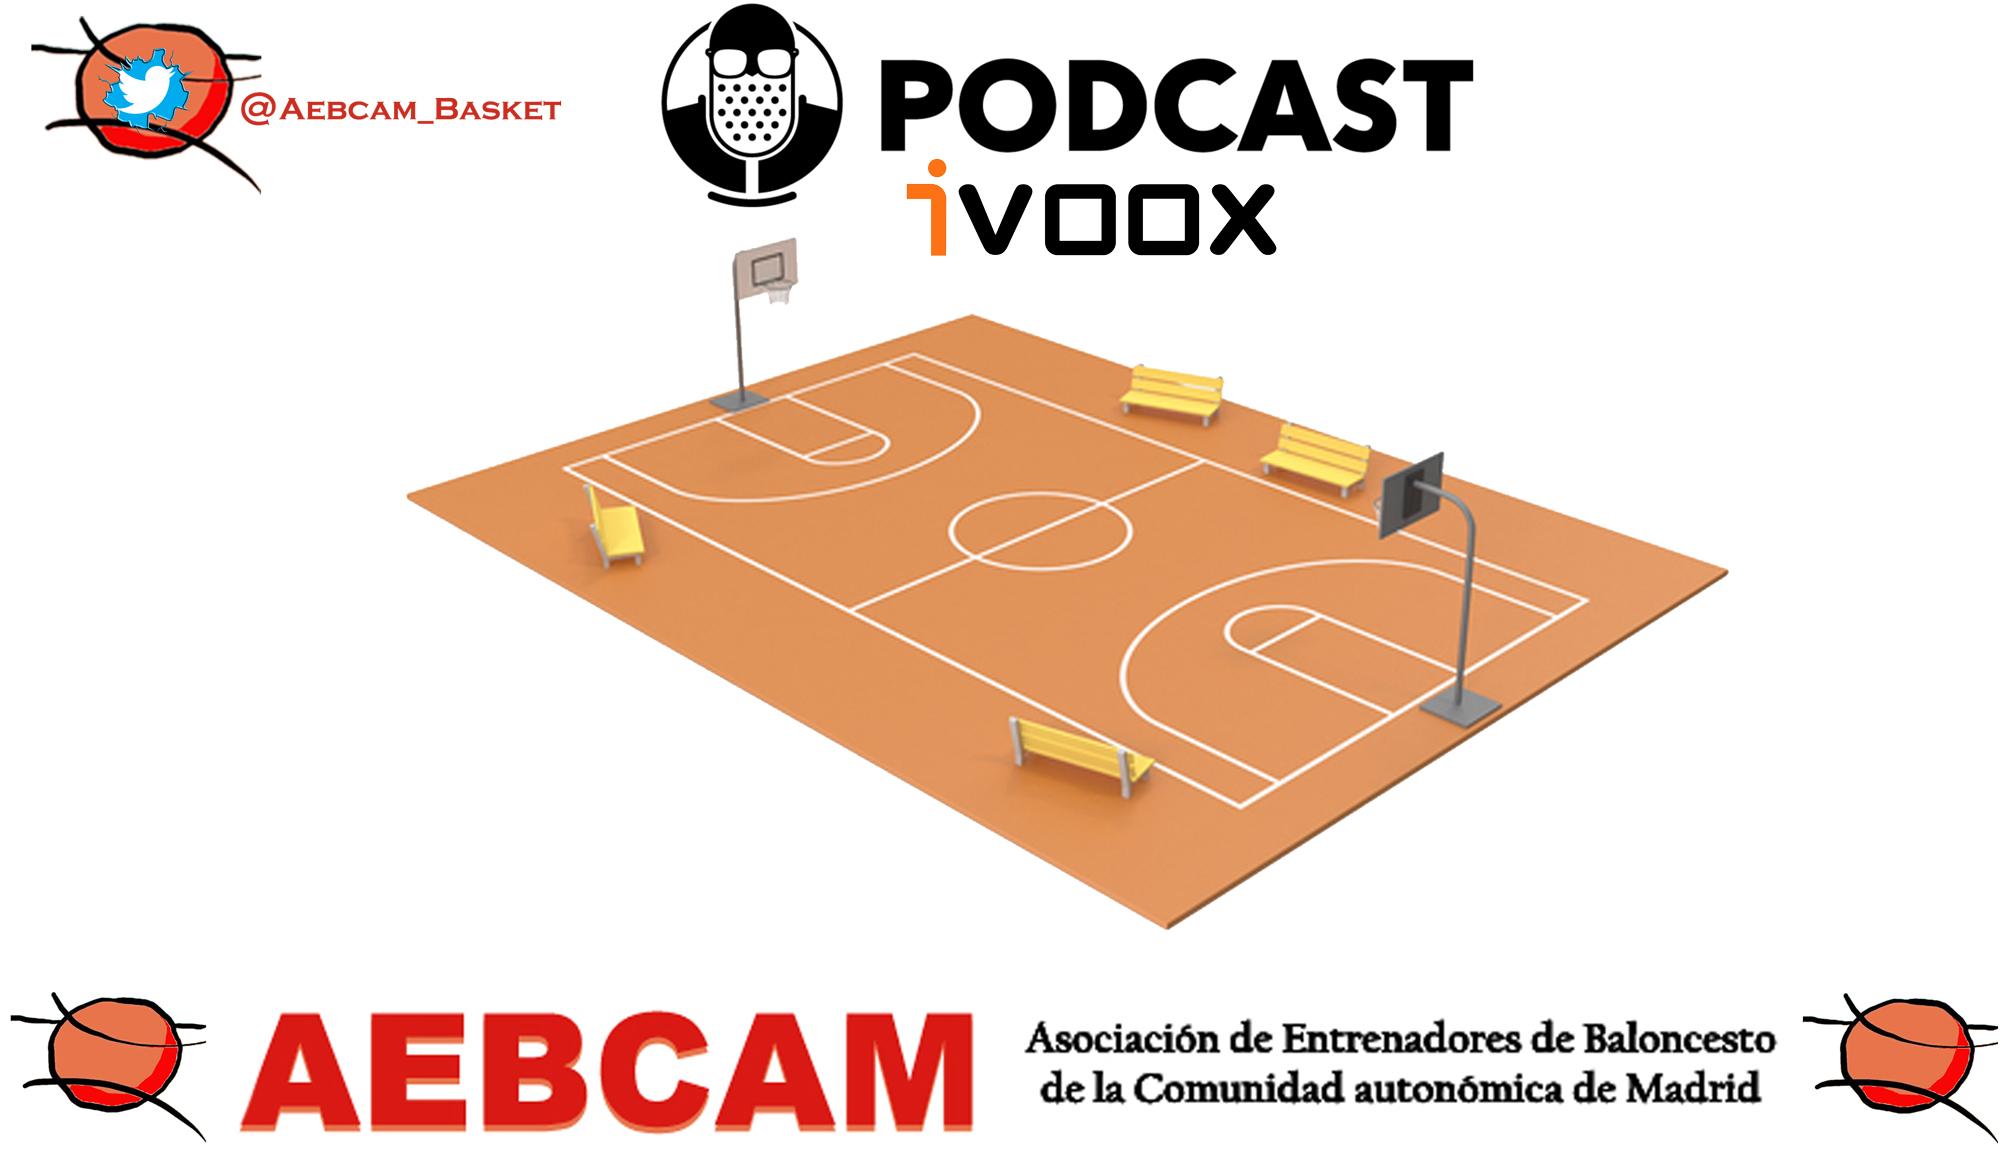 Podcast Aebcam